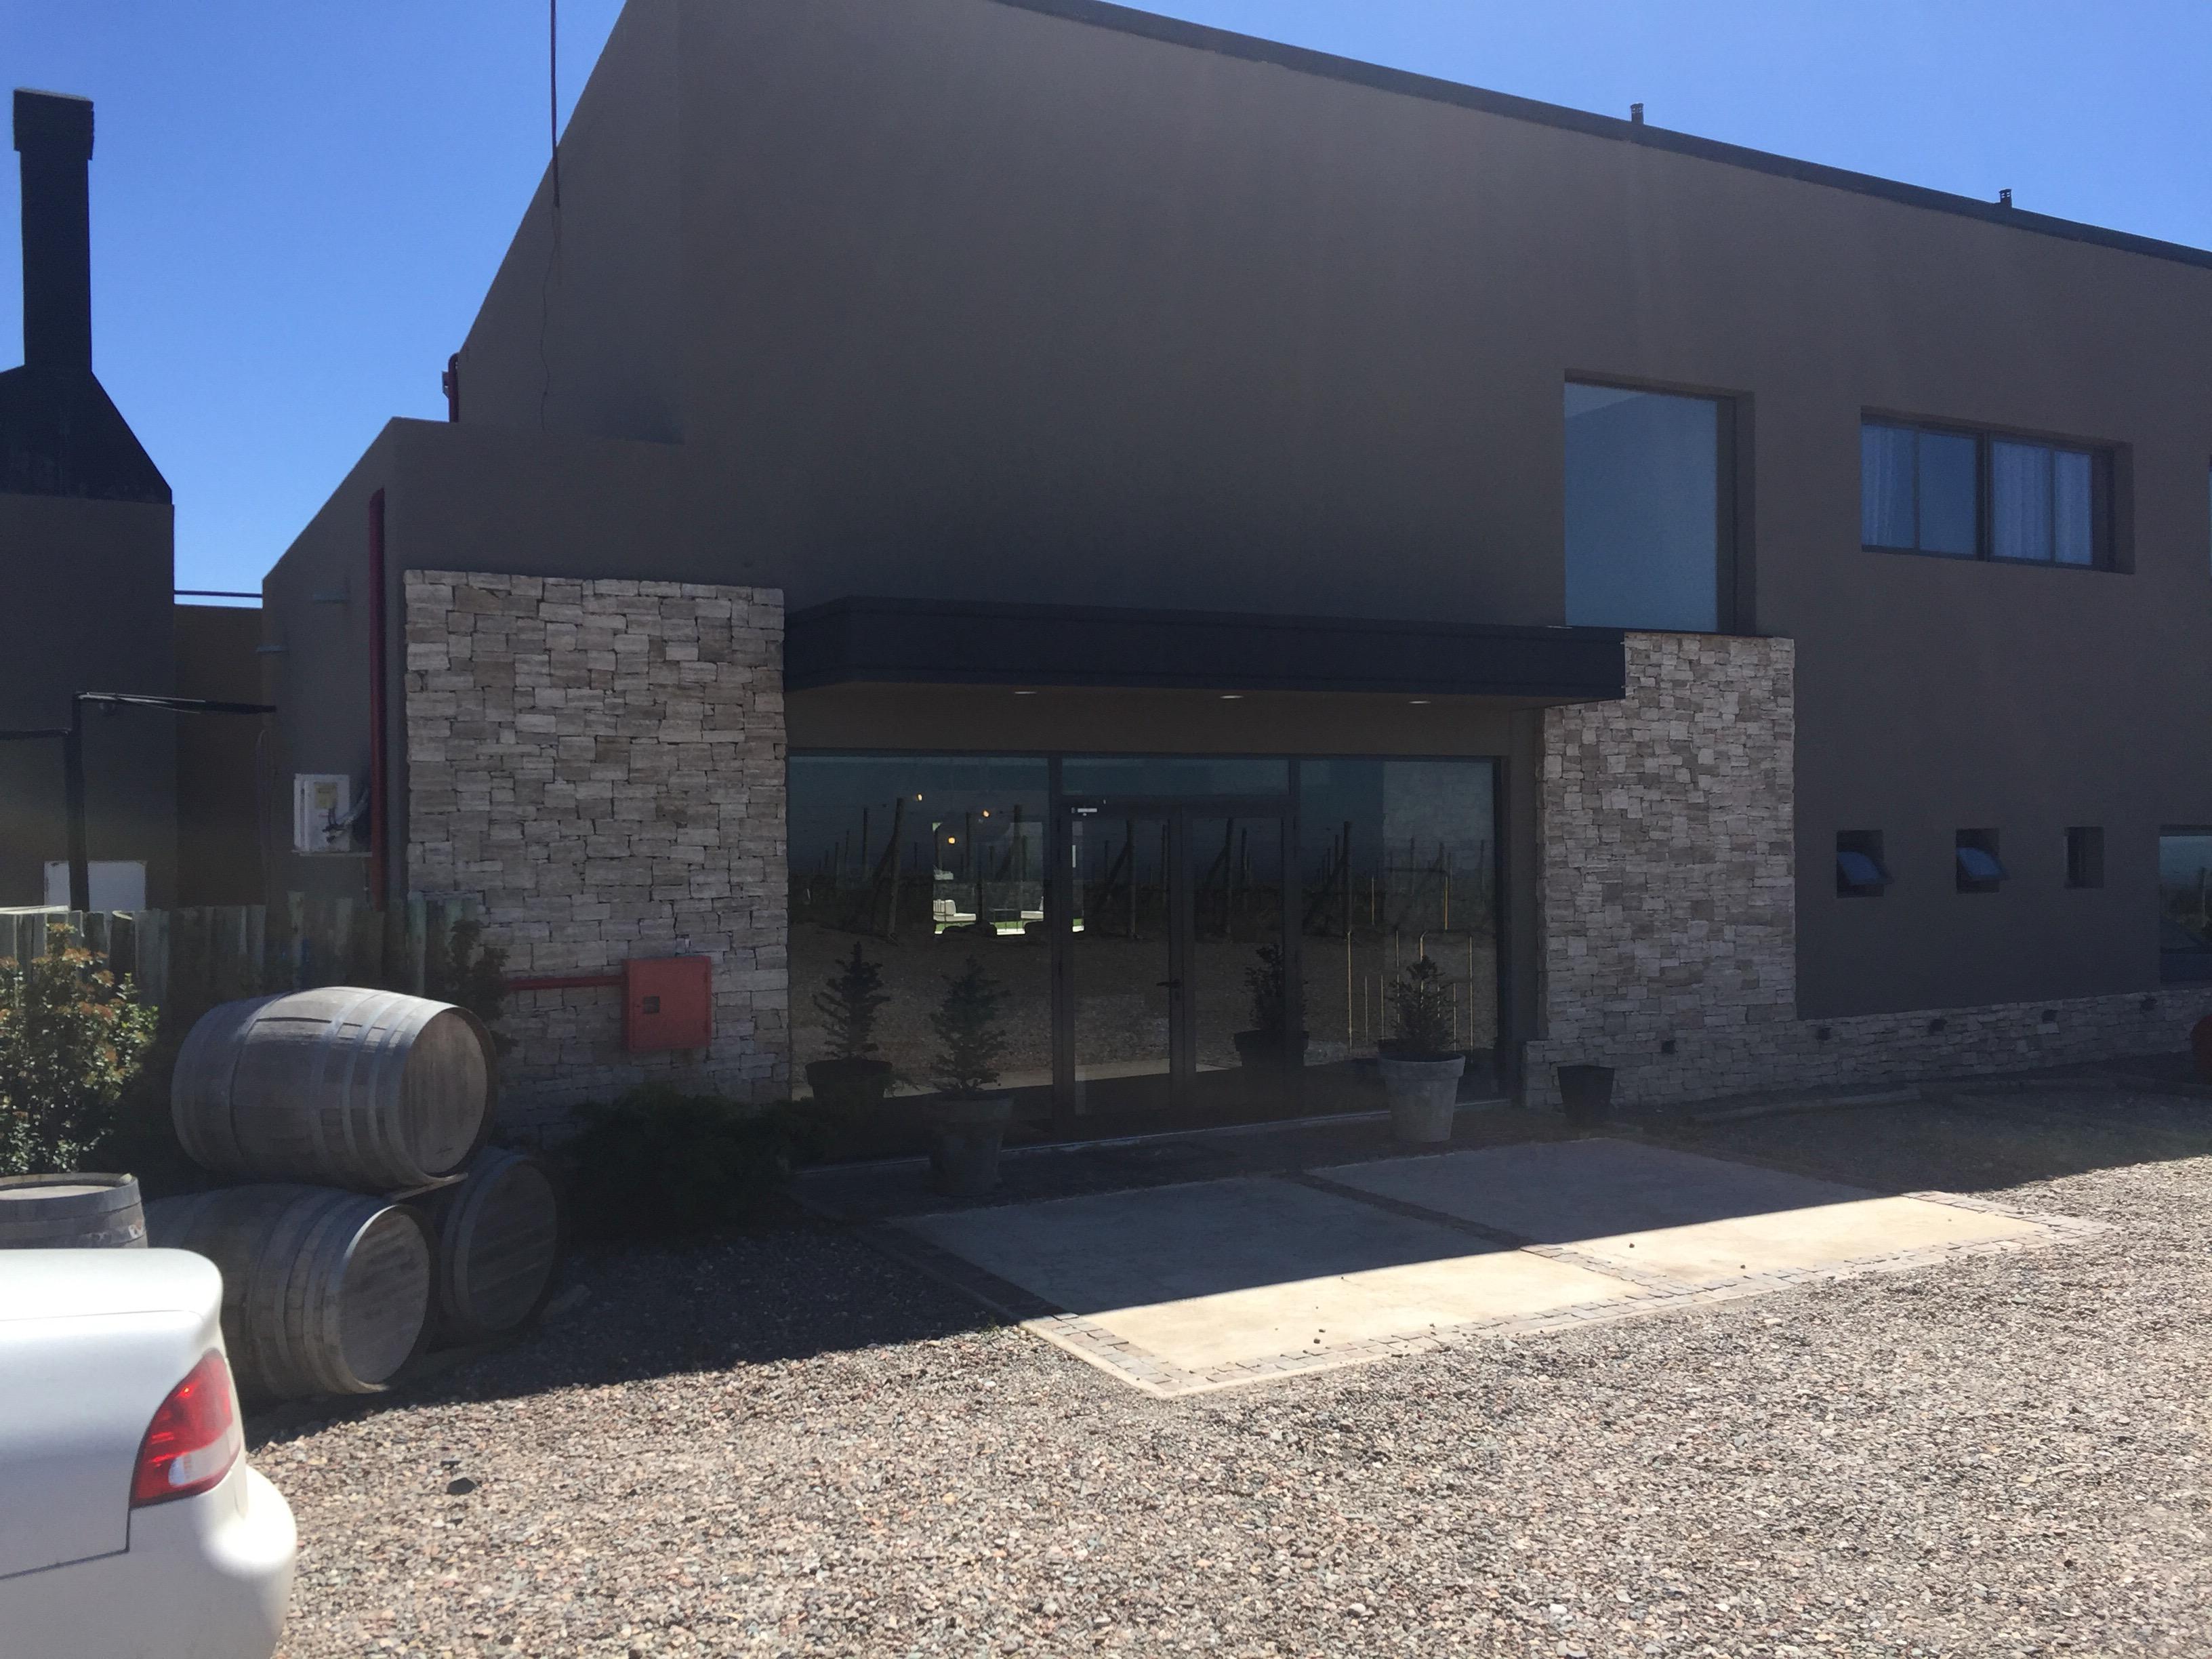 img 8345 - Hotel Auberge du Vin en Mendoza